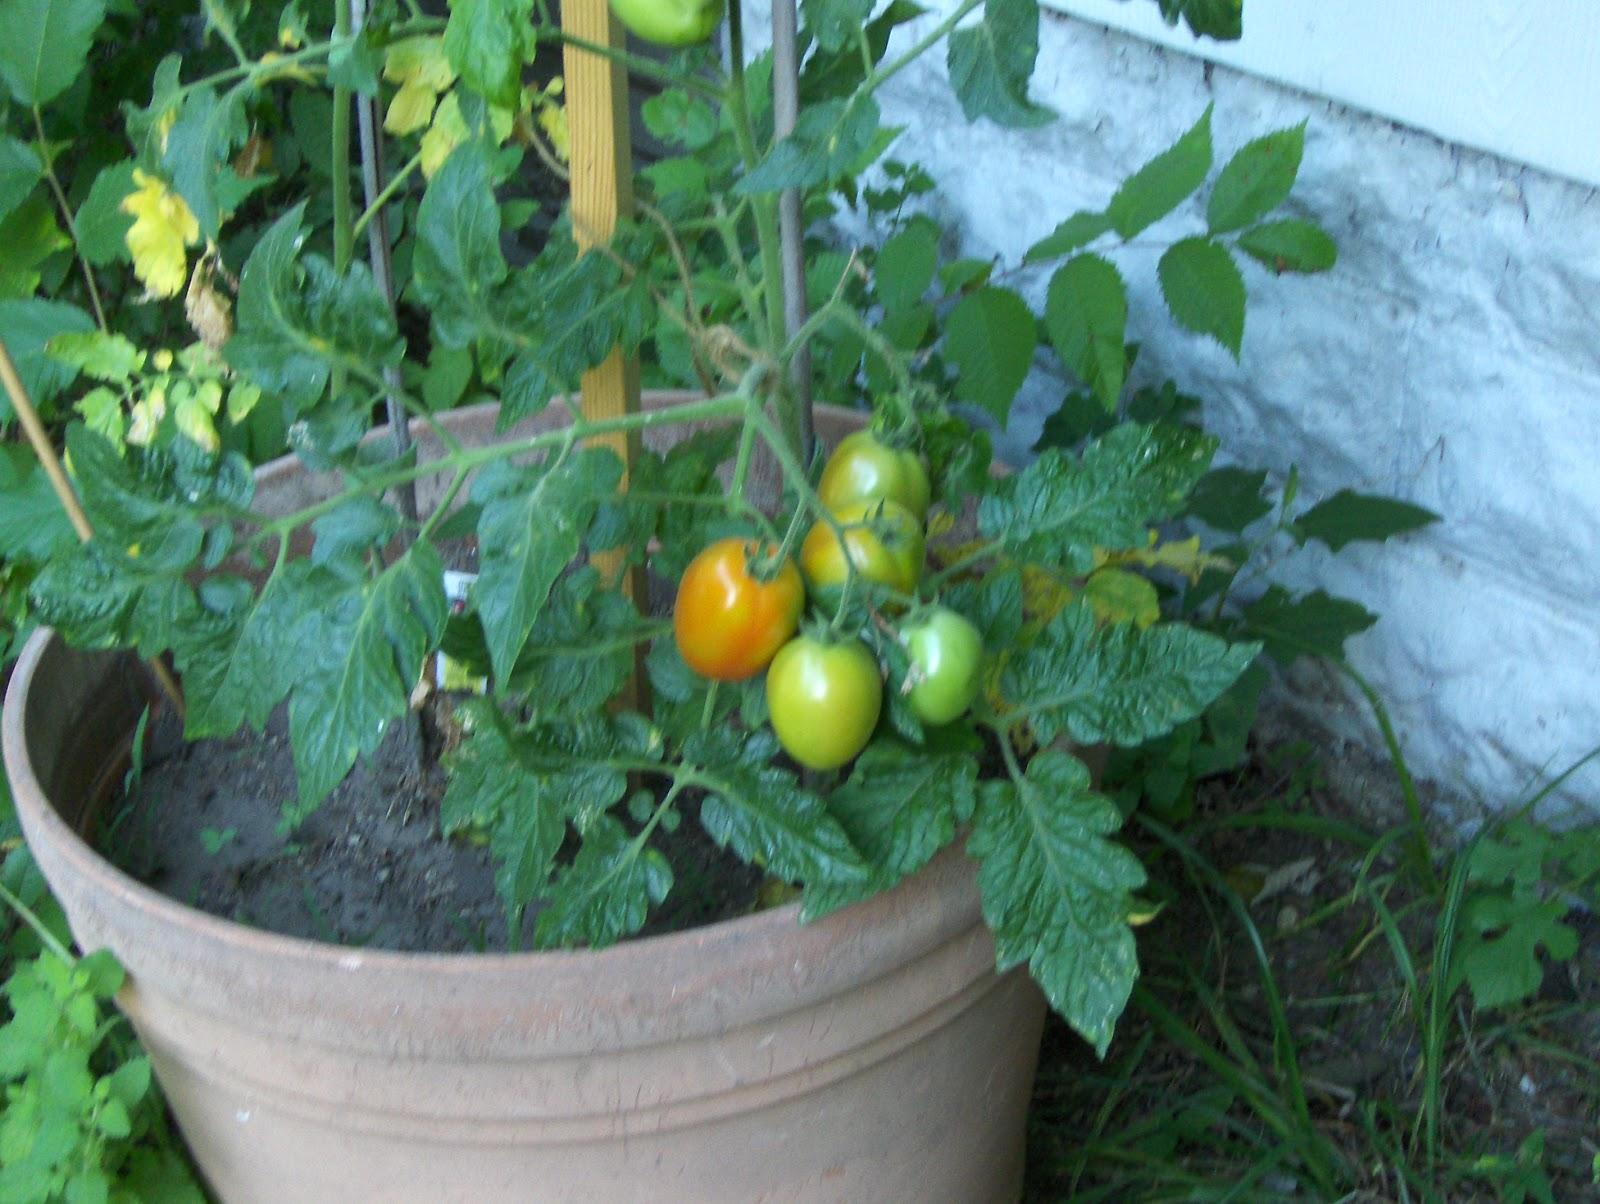 gardening, tomatoes